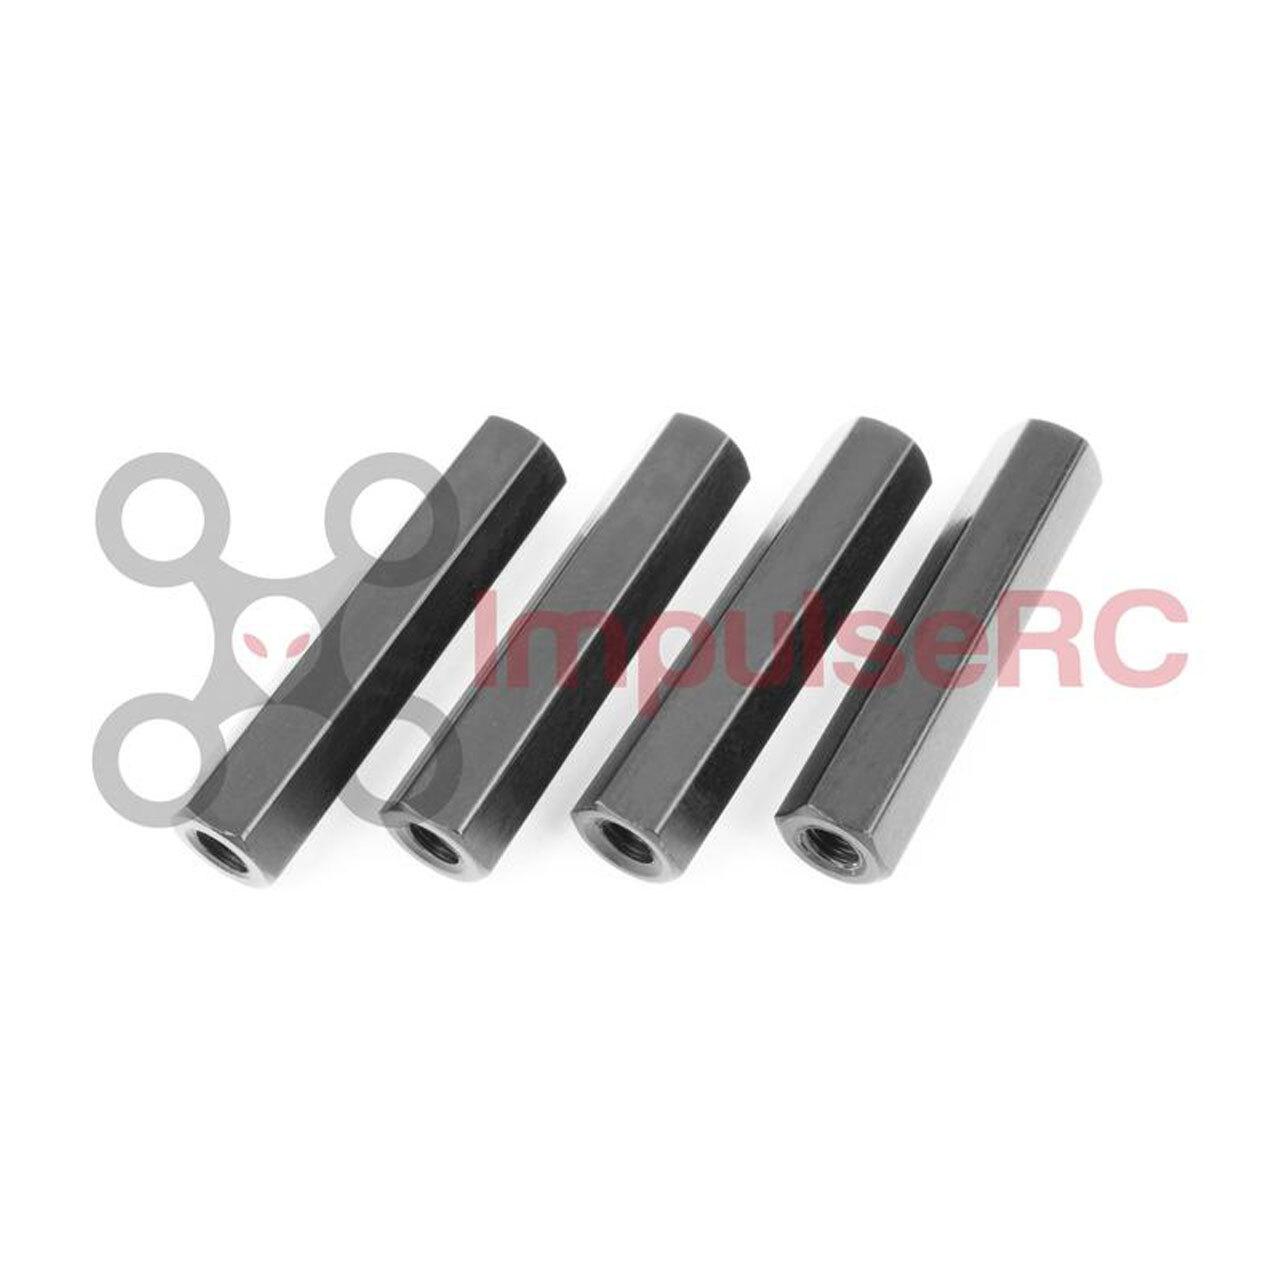 ImpulseRC STANDOFF M3 ALUMINIUM HEX 5x24.5mm 黒/4本セット